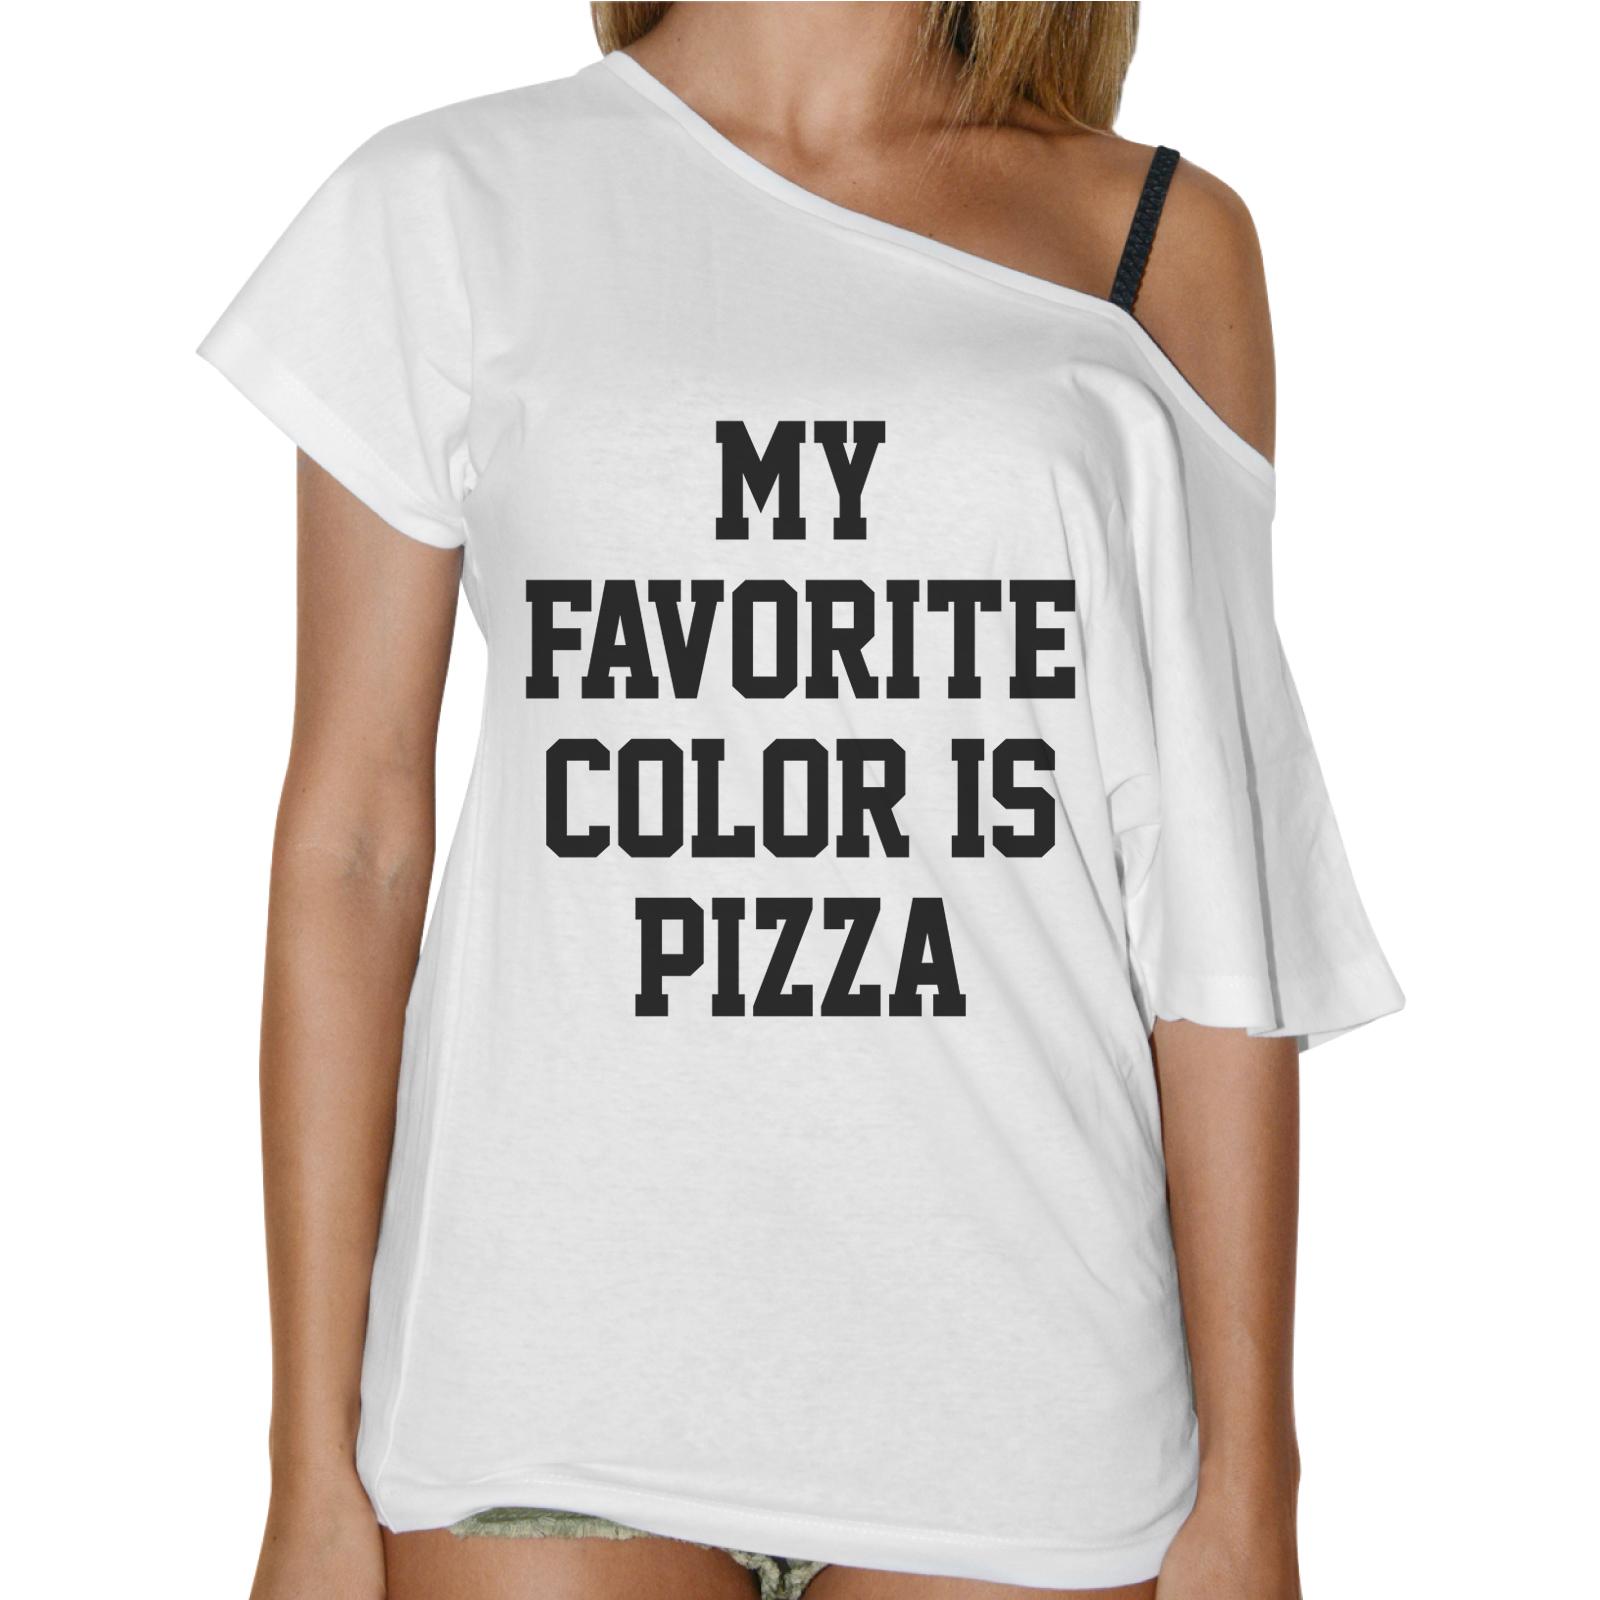 T-Shirt Donna Collo Barca COLOR PIZZA